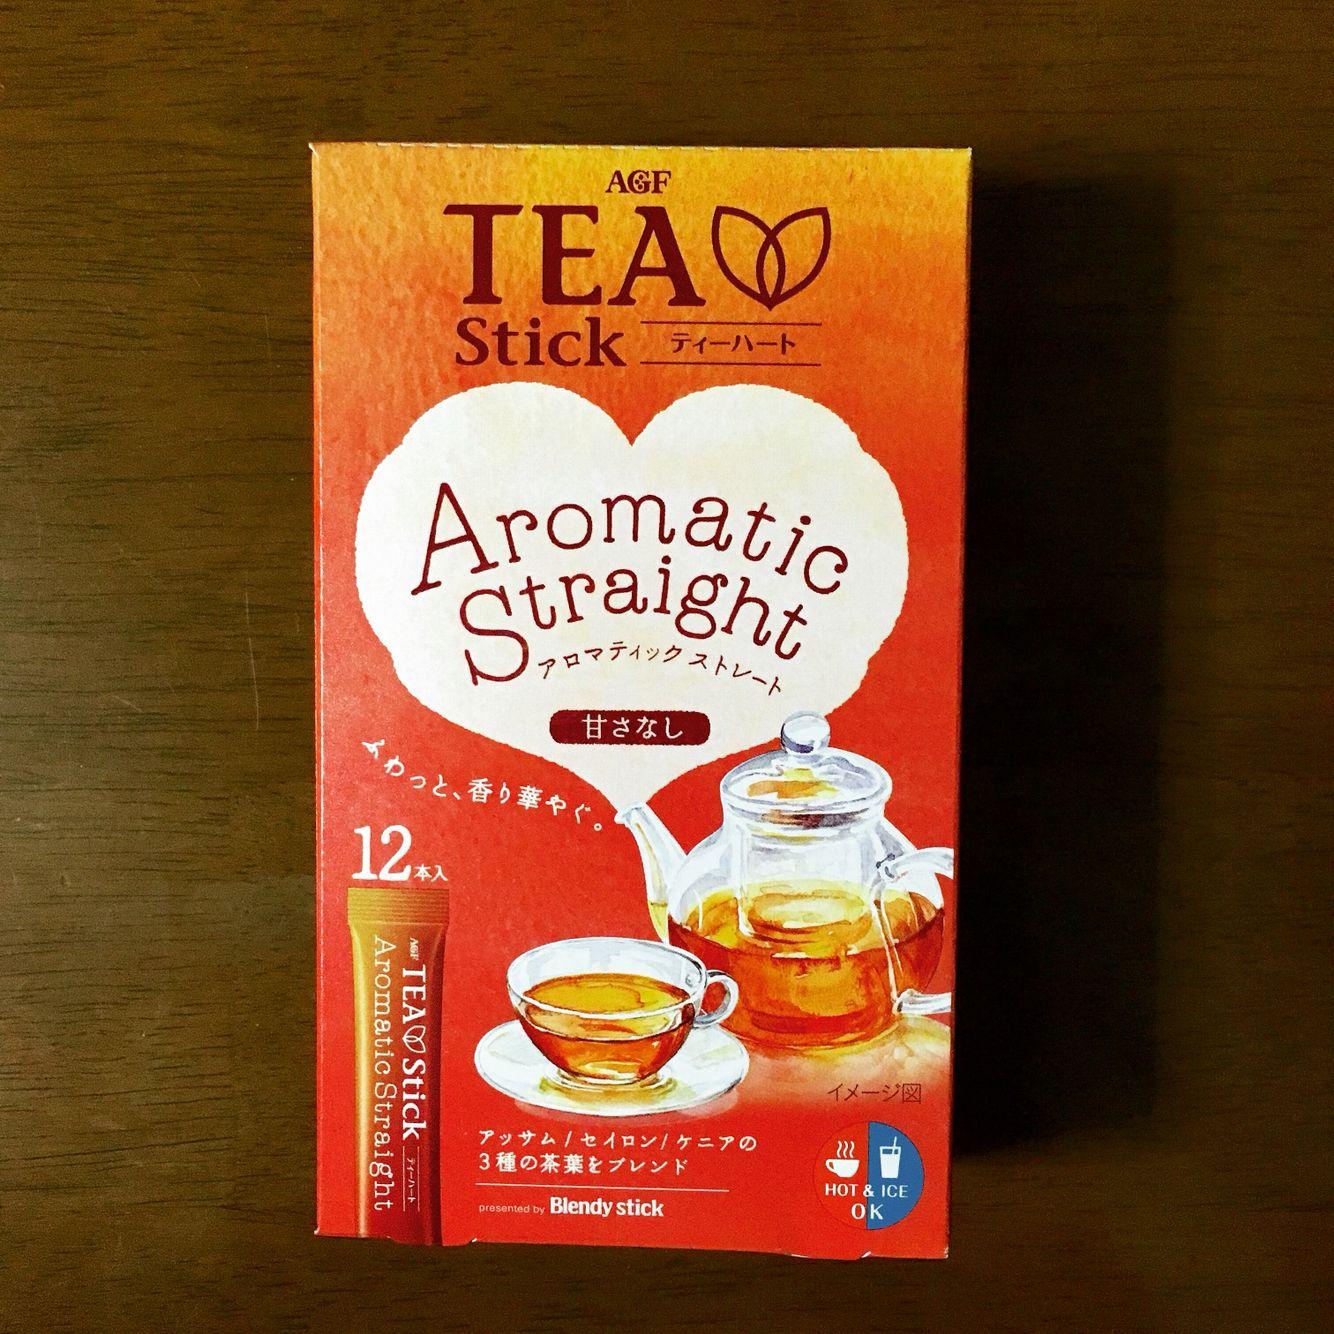 ティーハート アロマスティックストレート。甘さはなく美味しいですね。